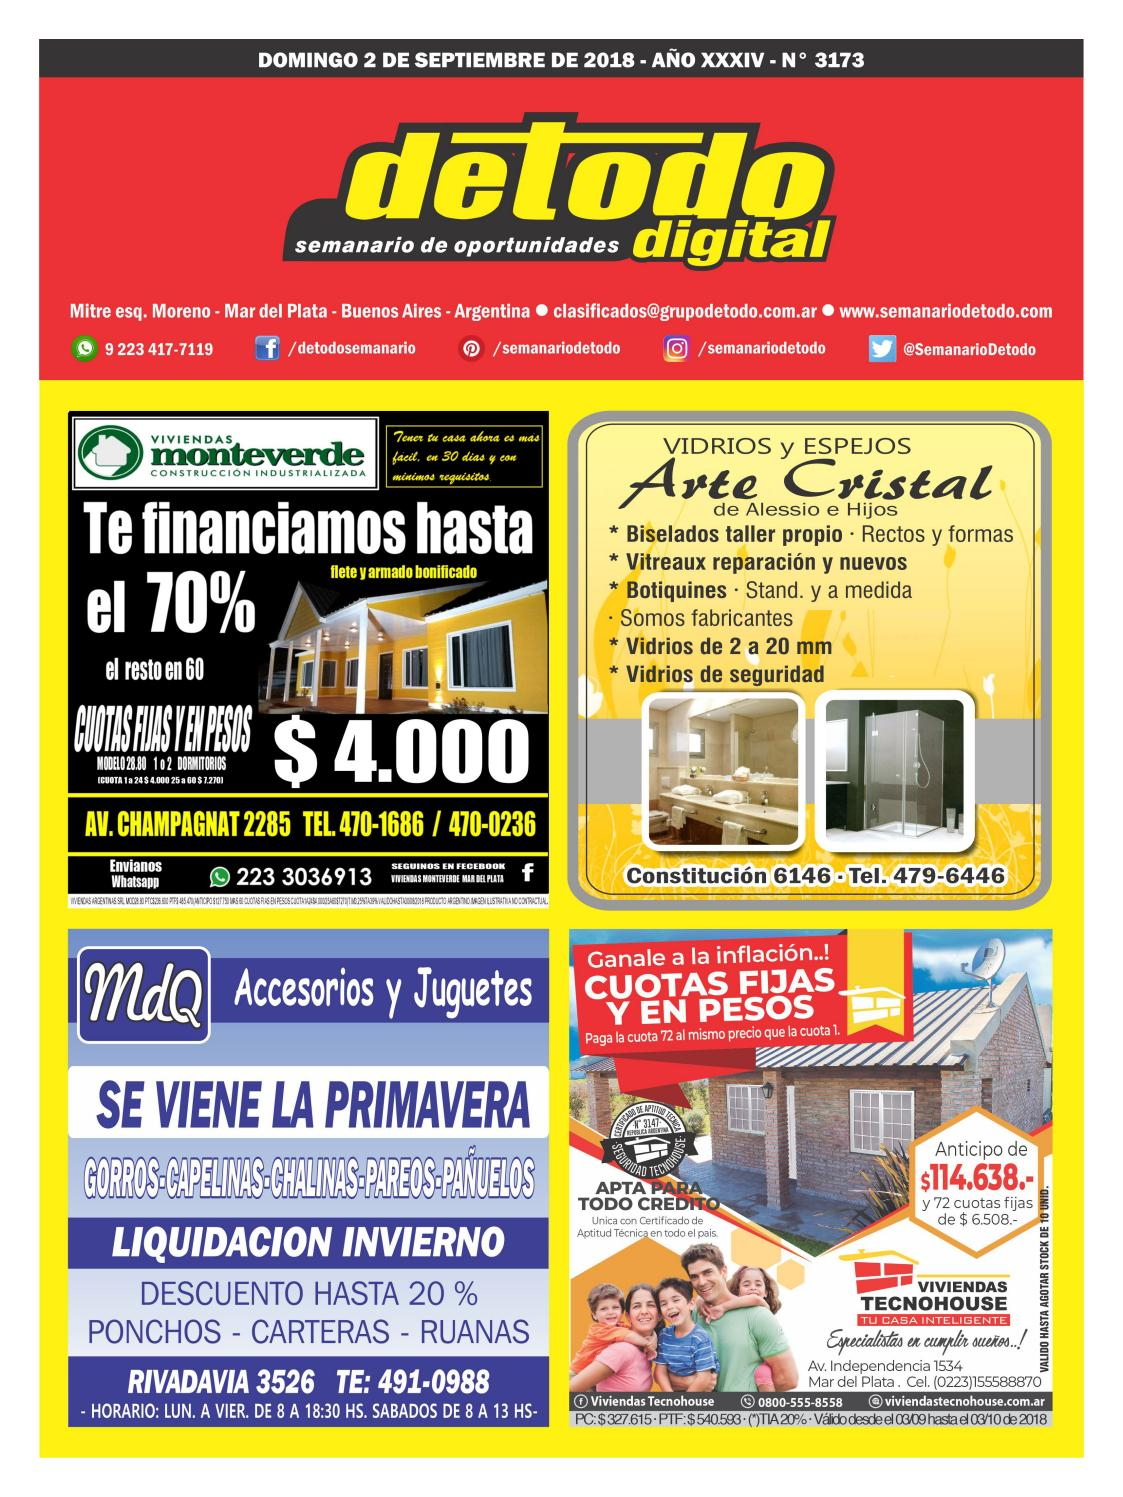 buy online 633d0 a2838 Semanario Detodo - Edición N° 3173 - 02 09 2018 by Semanario Detodo - issuu